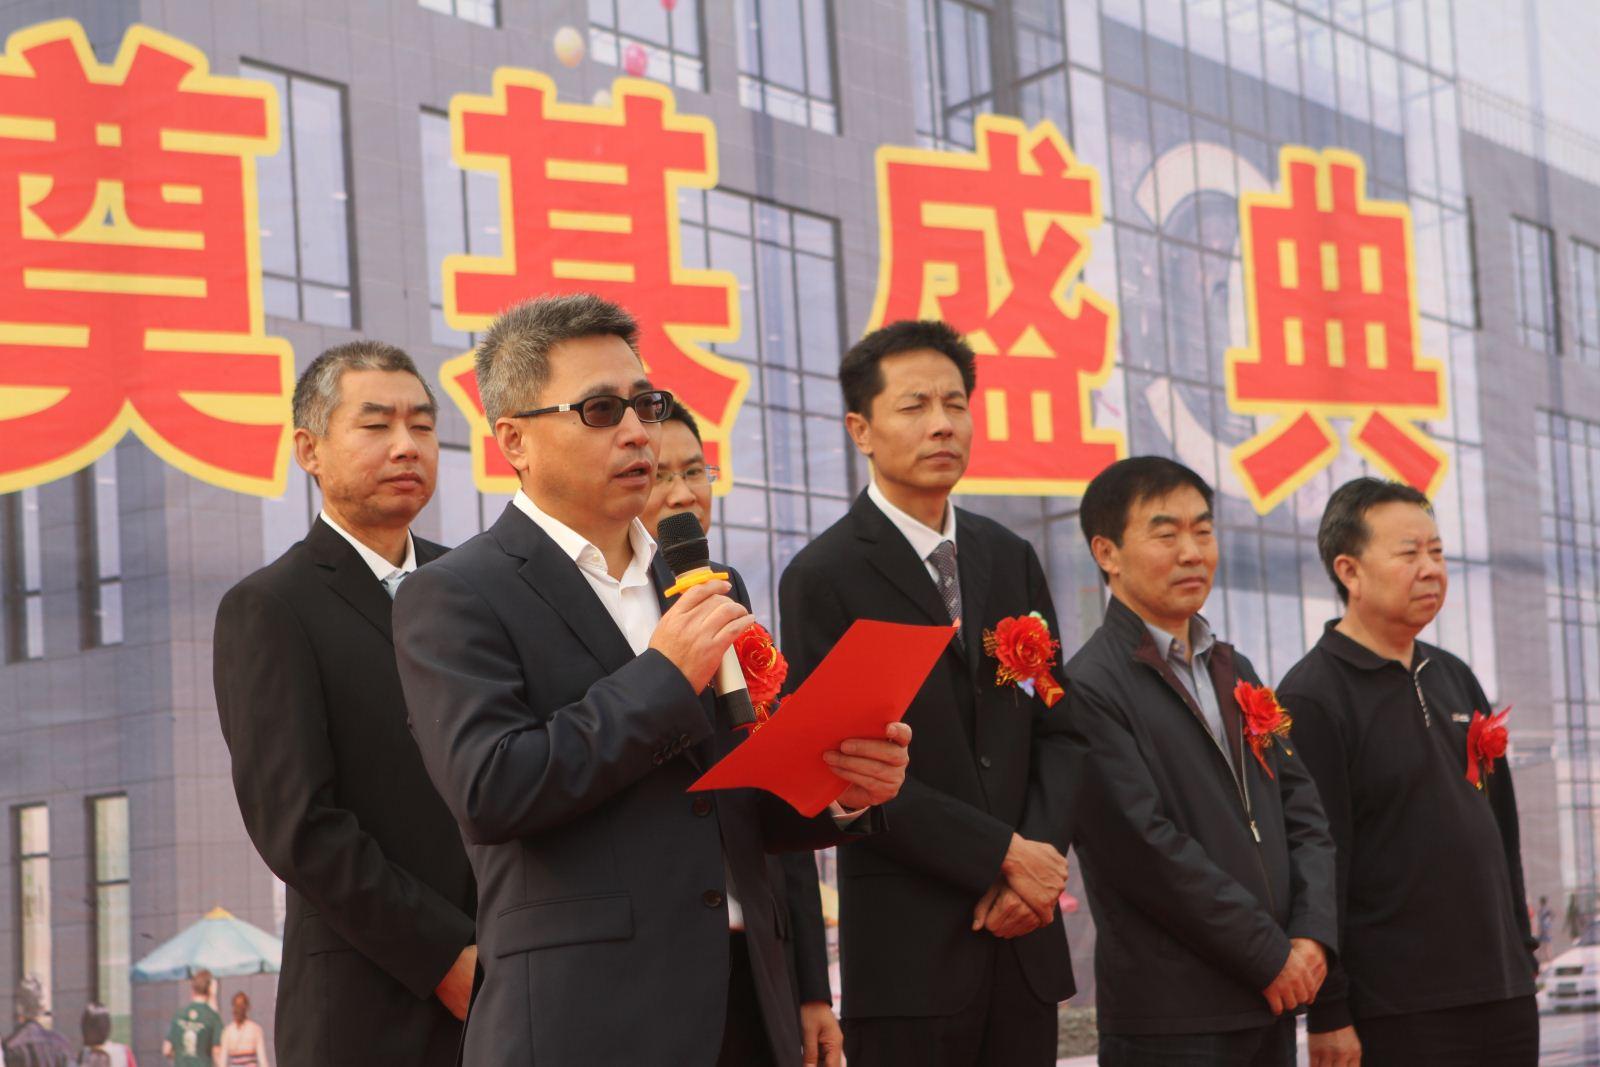 以及监理单位北京建宇工程管理有限责任公司的代表和北京盛达集团有关